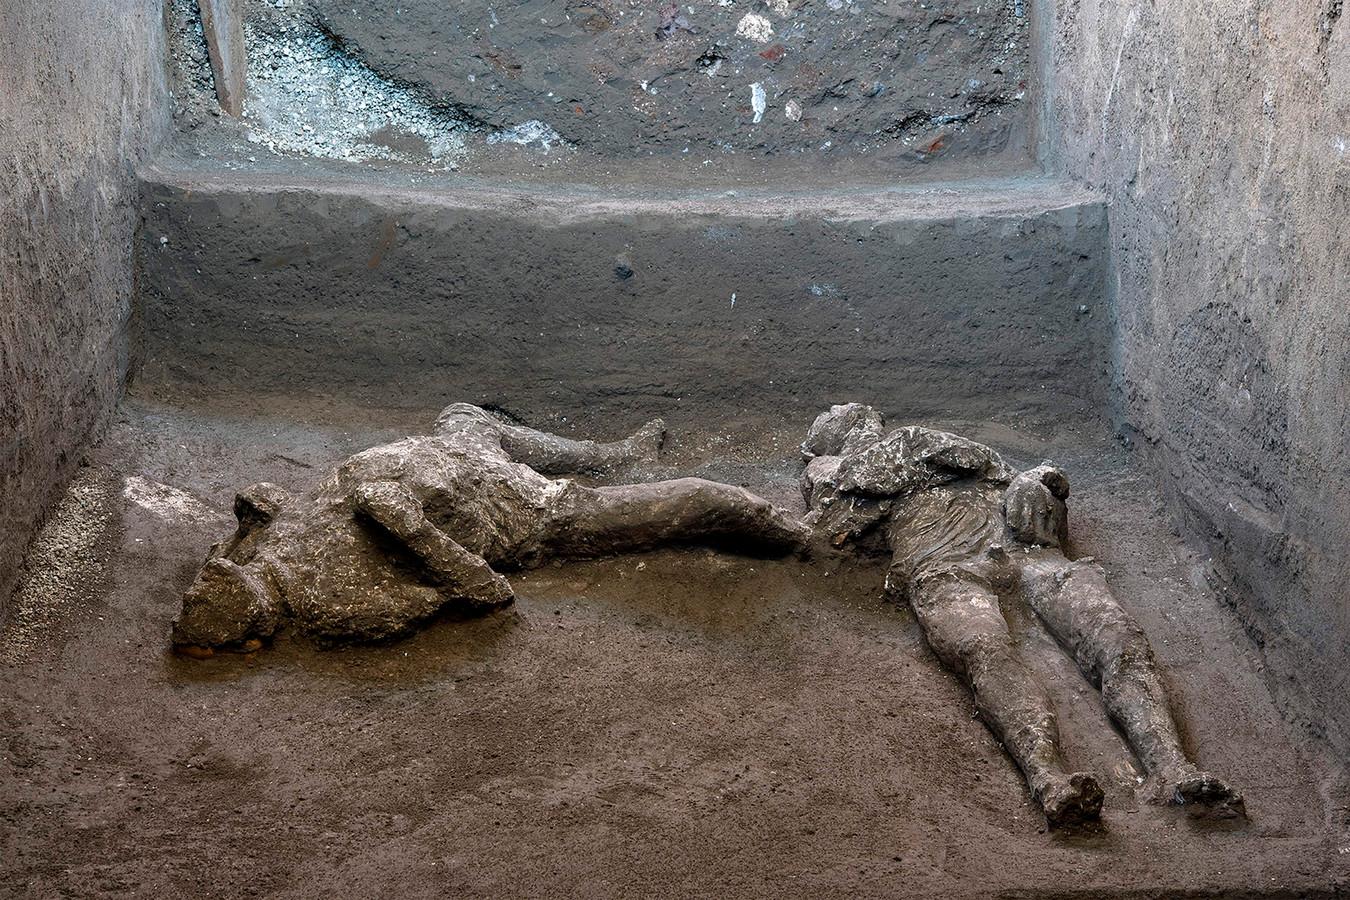 De twee mannen werden gevonden tijdens recente opgravingen van een villa in Civita Giuliana in de buitenwijken van Pompeï.